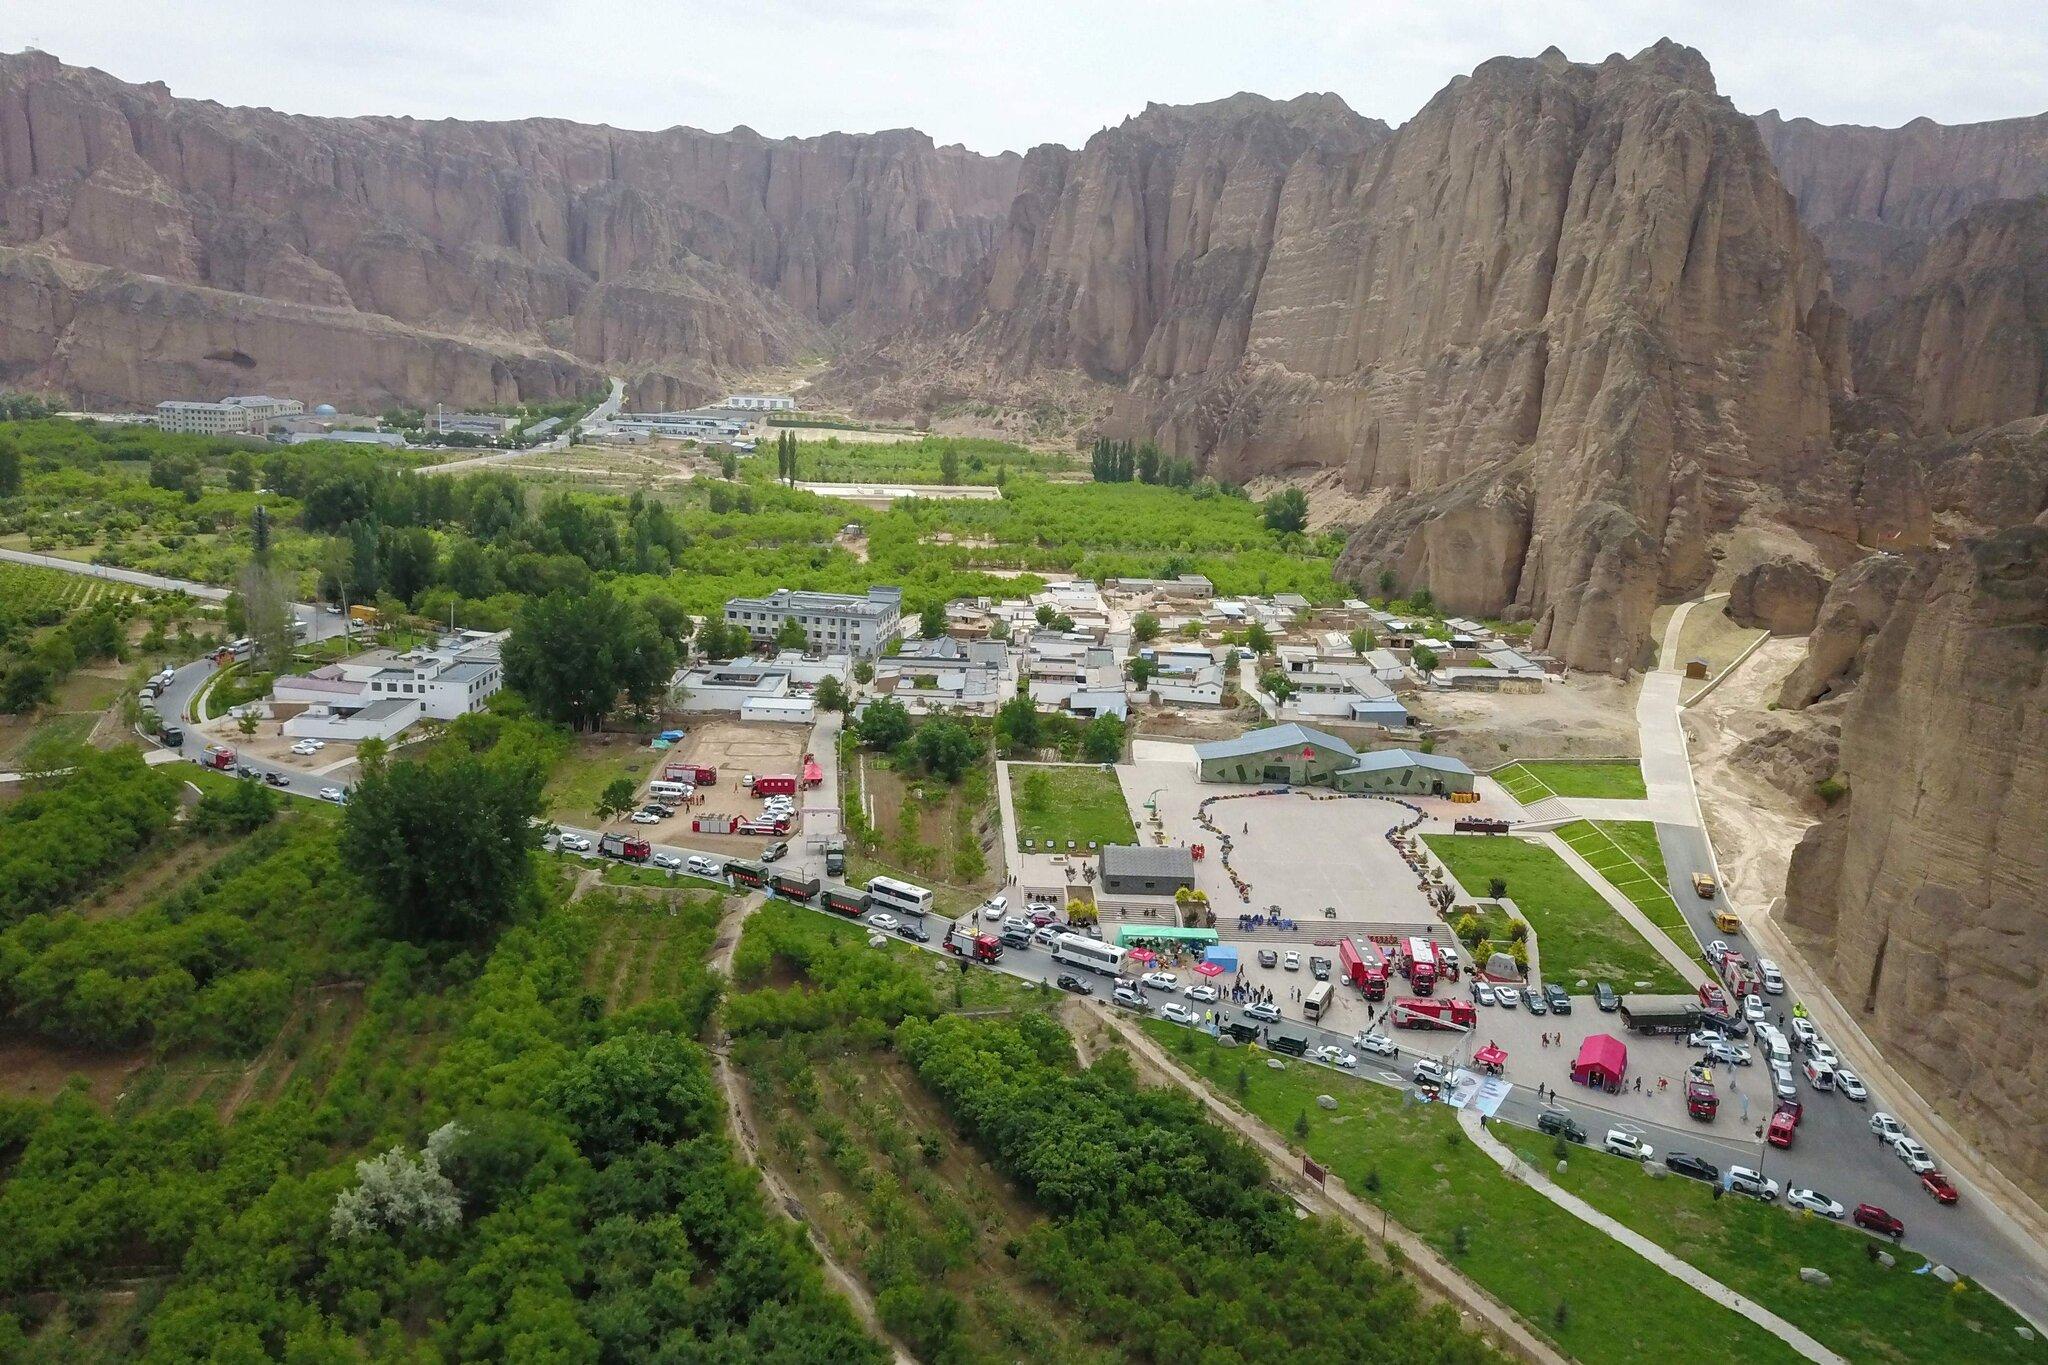 Đoàn xe cứu hộ vận chuyển các VĐV gặp nạn về địa điểm tập trung dưới chân núi hôm 23/5.